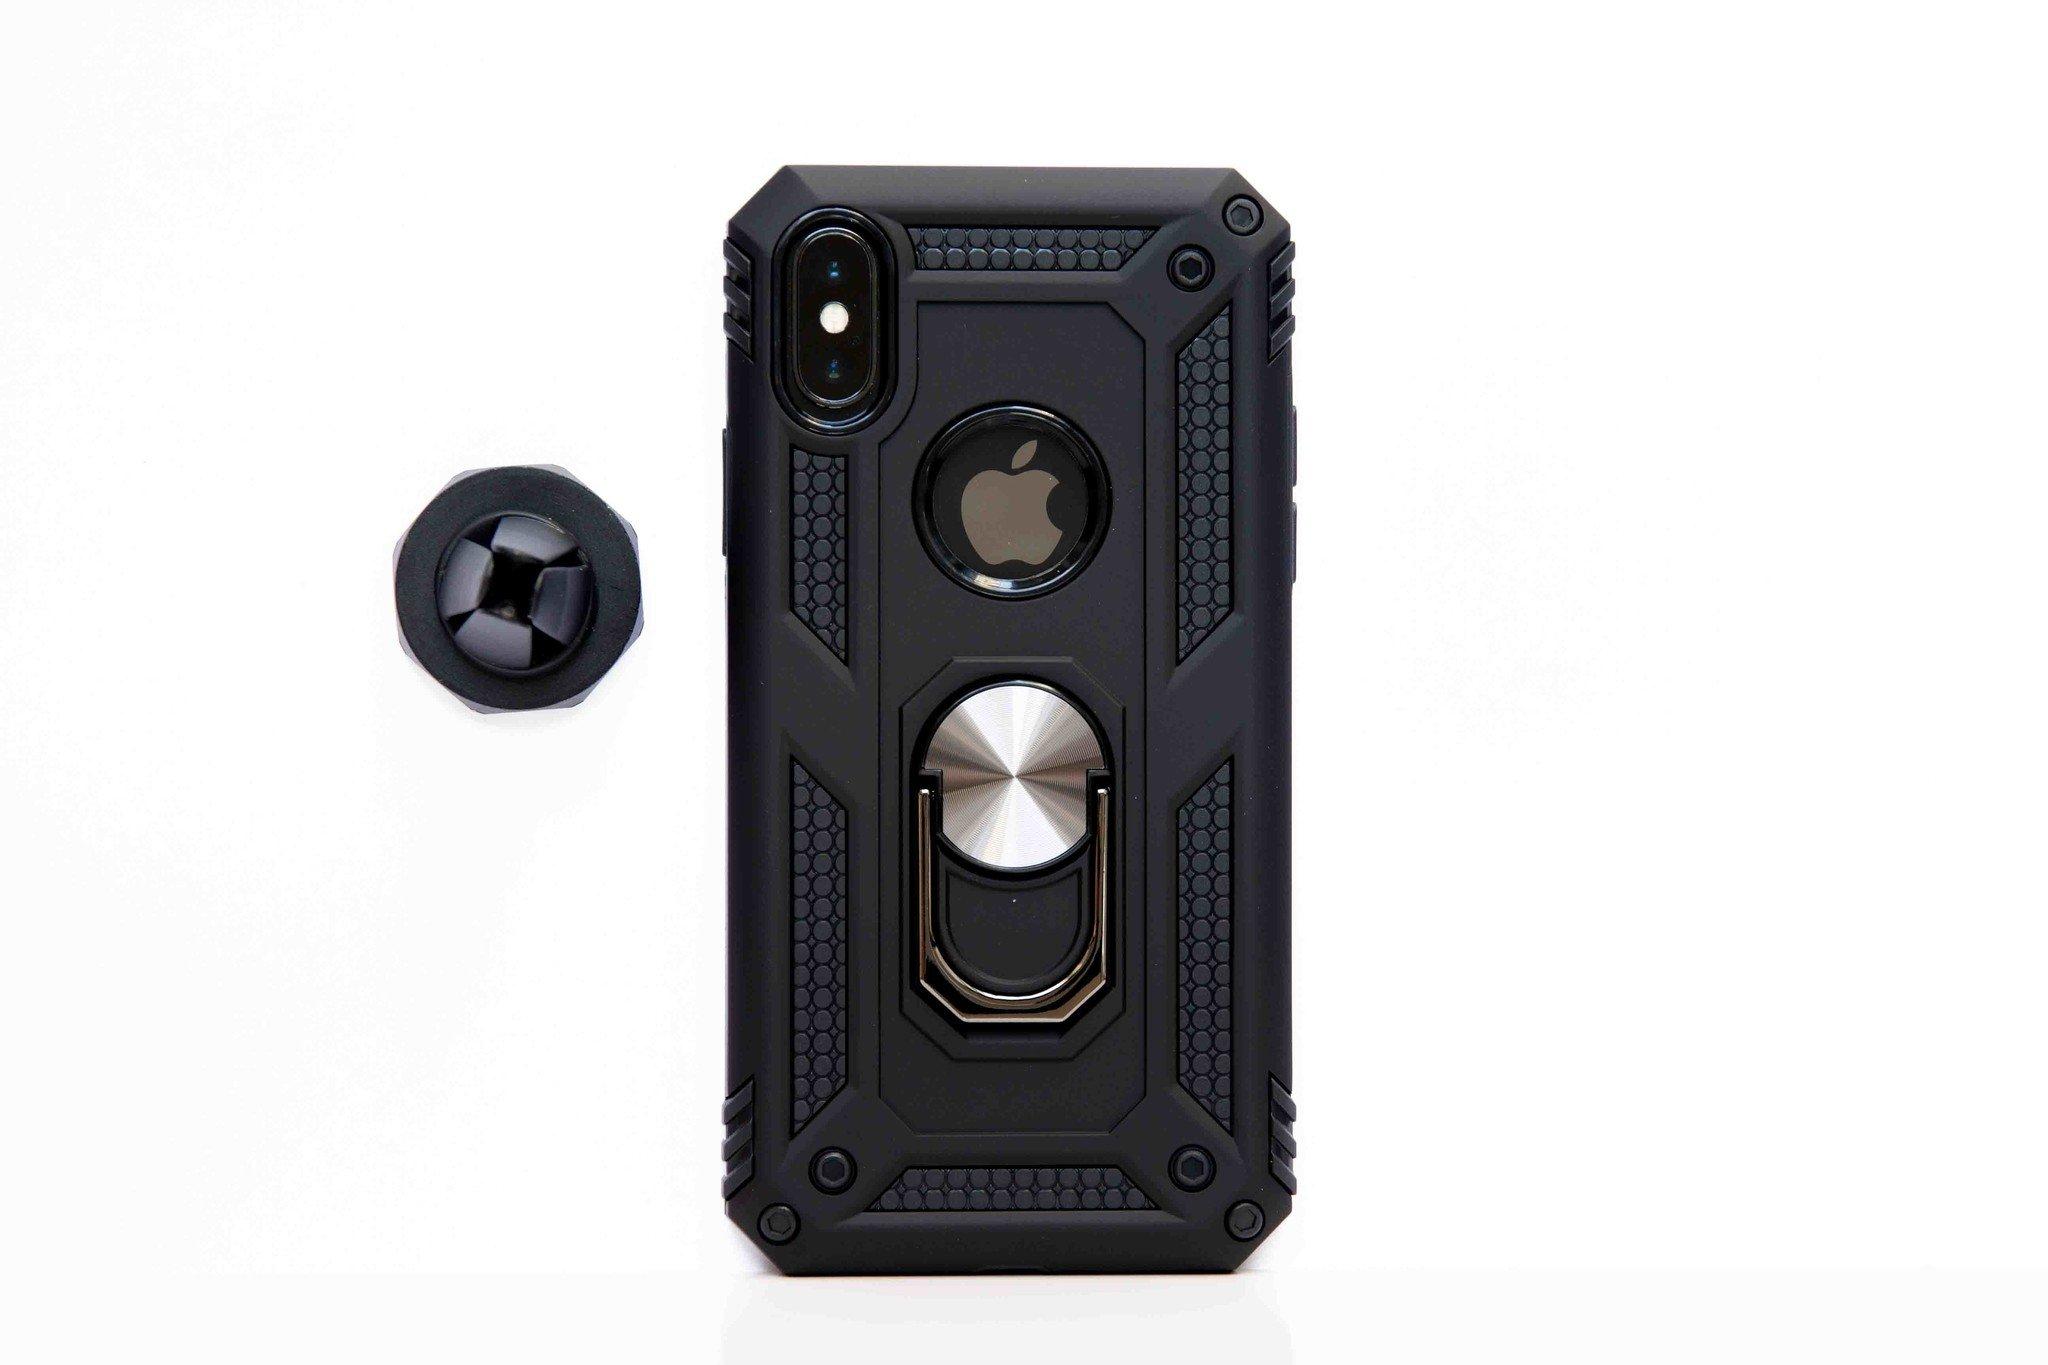 Smartphonehoesje iPhone X / XS | Bouw / shockproof (met standaard & magneet) | Zwart